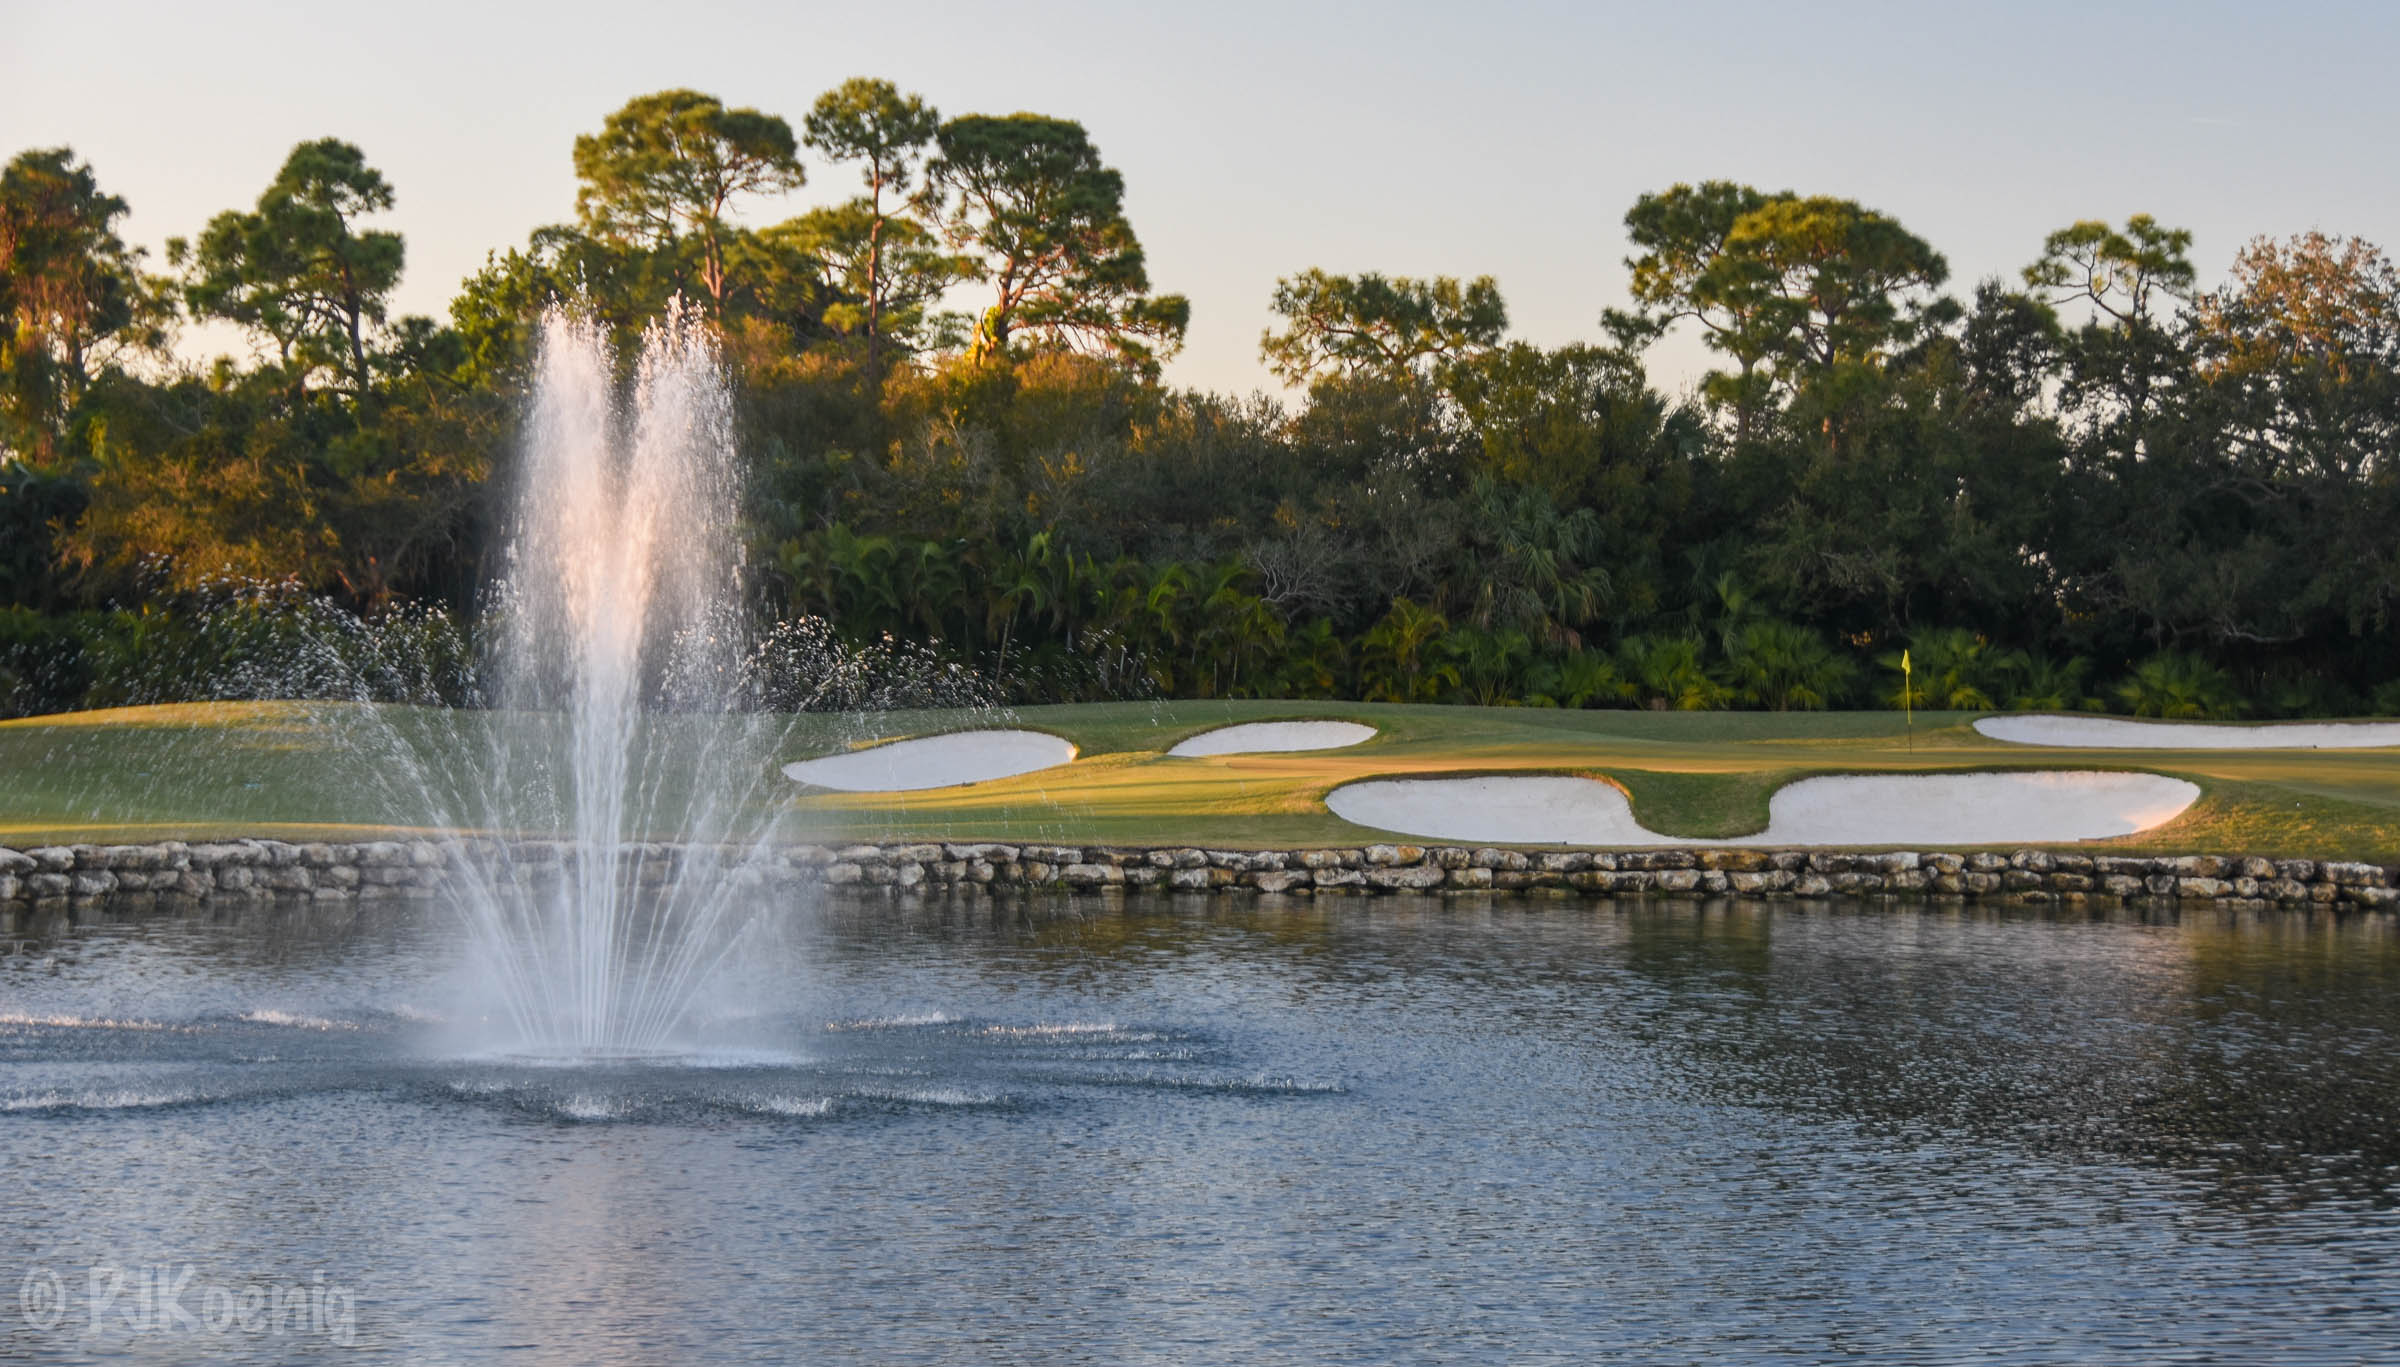 Adios Golf Club1-99.jpg